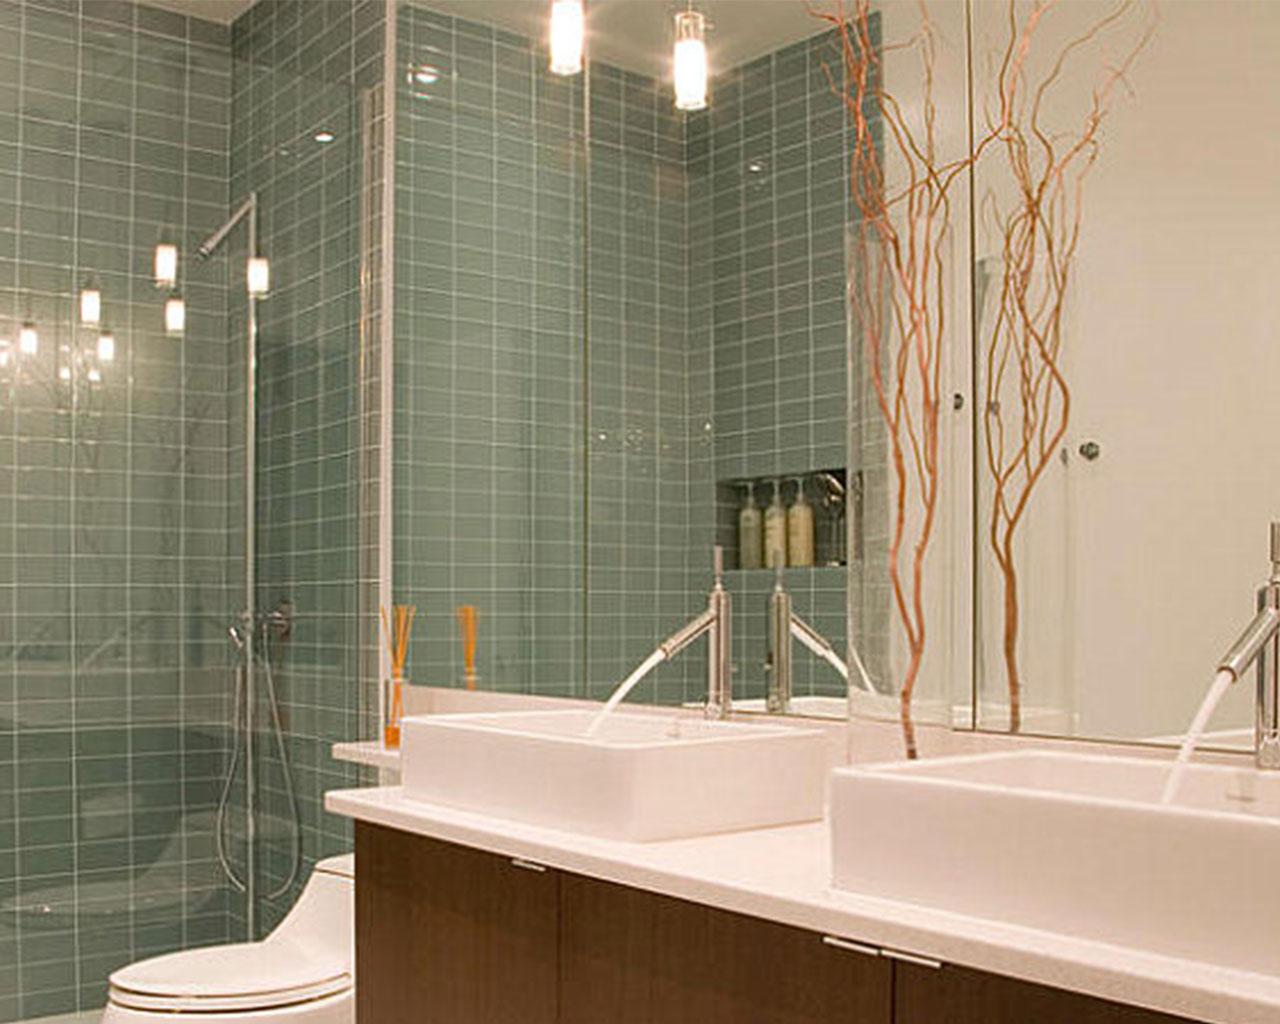 Bathroom idea Photo - 1